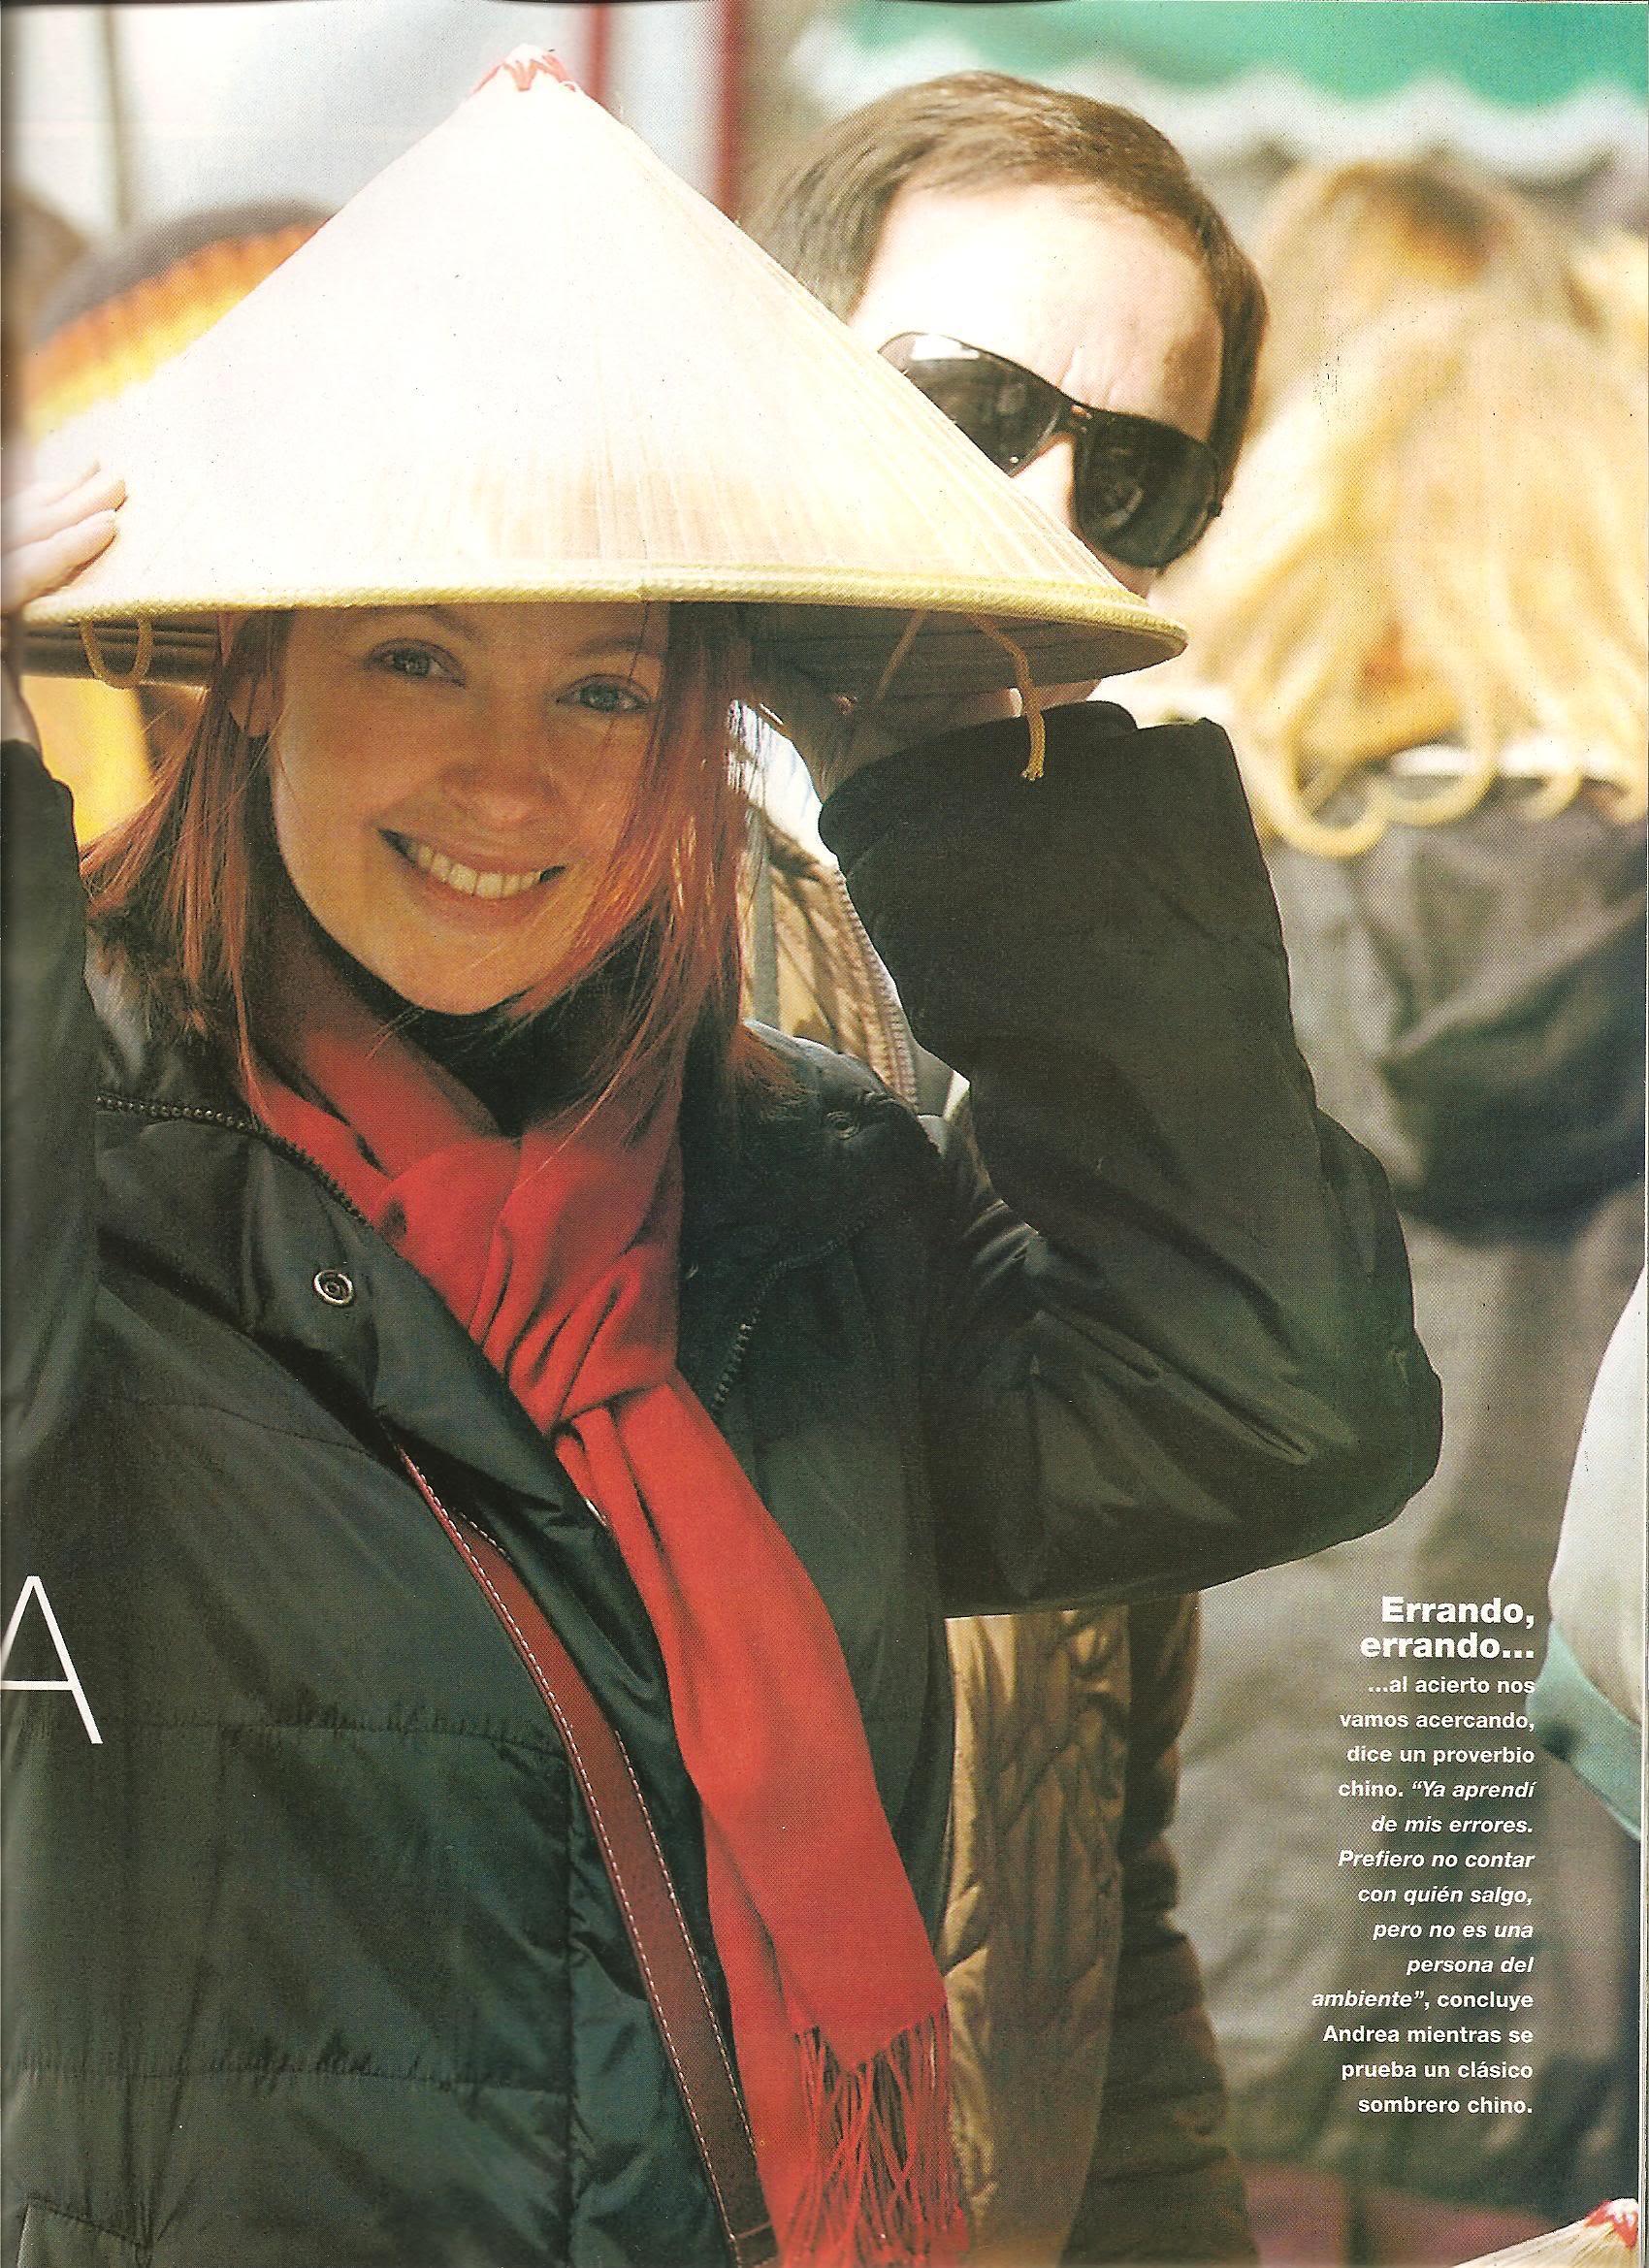 Andrea en revistas (agosto 2009) Imagen009